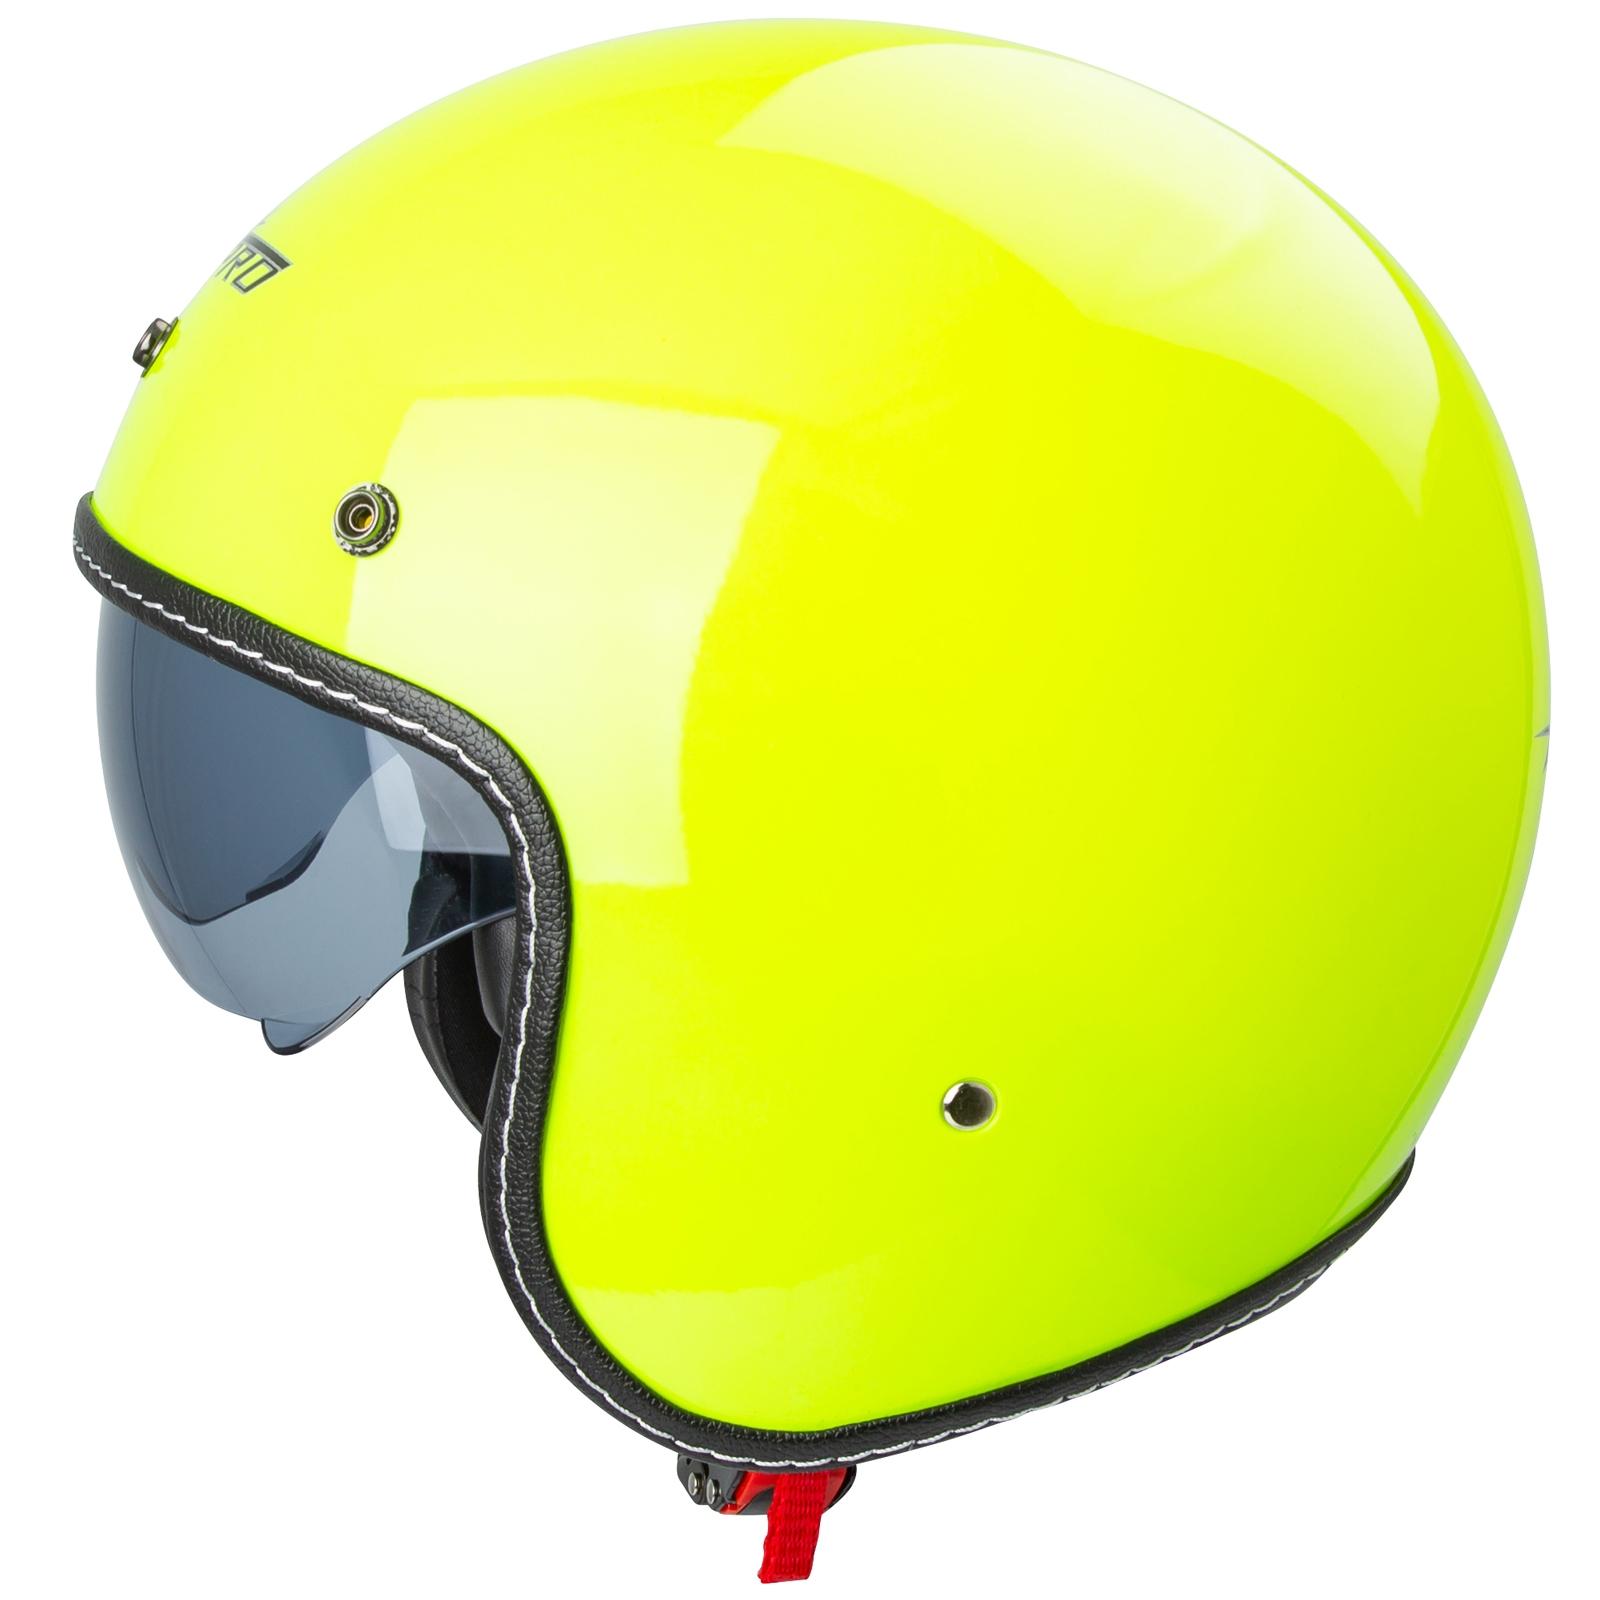 Casco-Moto-Jet-Cafe-Racer-Omologato-ECE-22-05-Parasole-scooter miniatuur 16